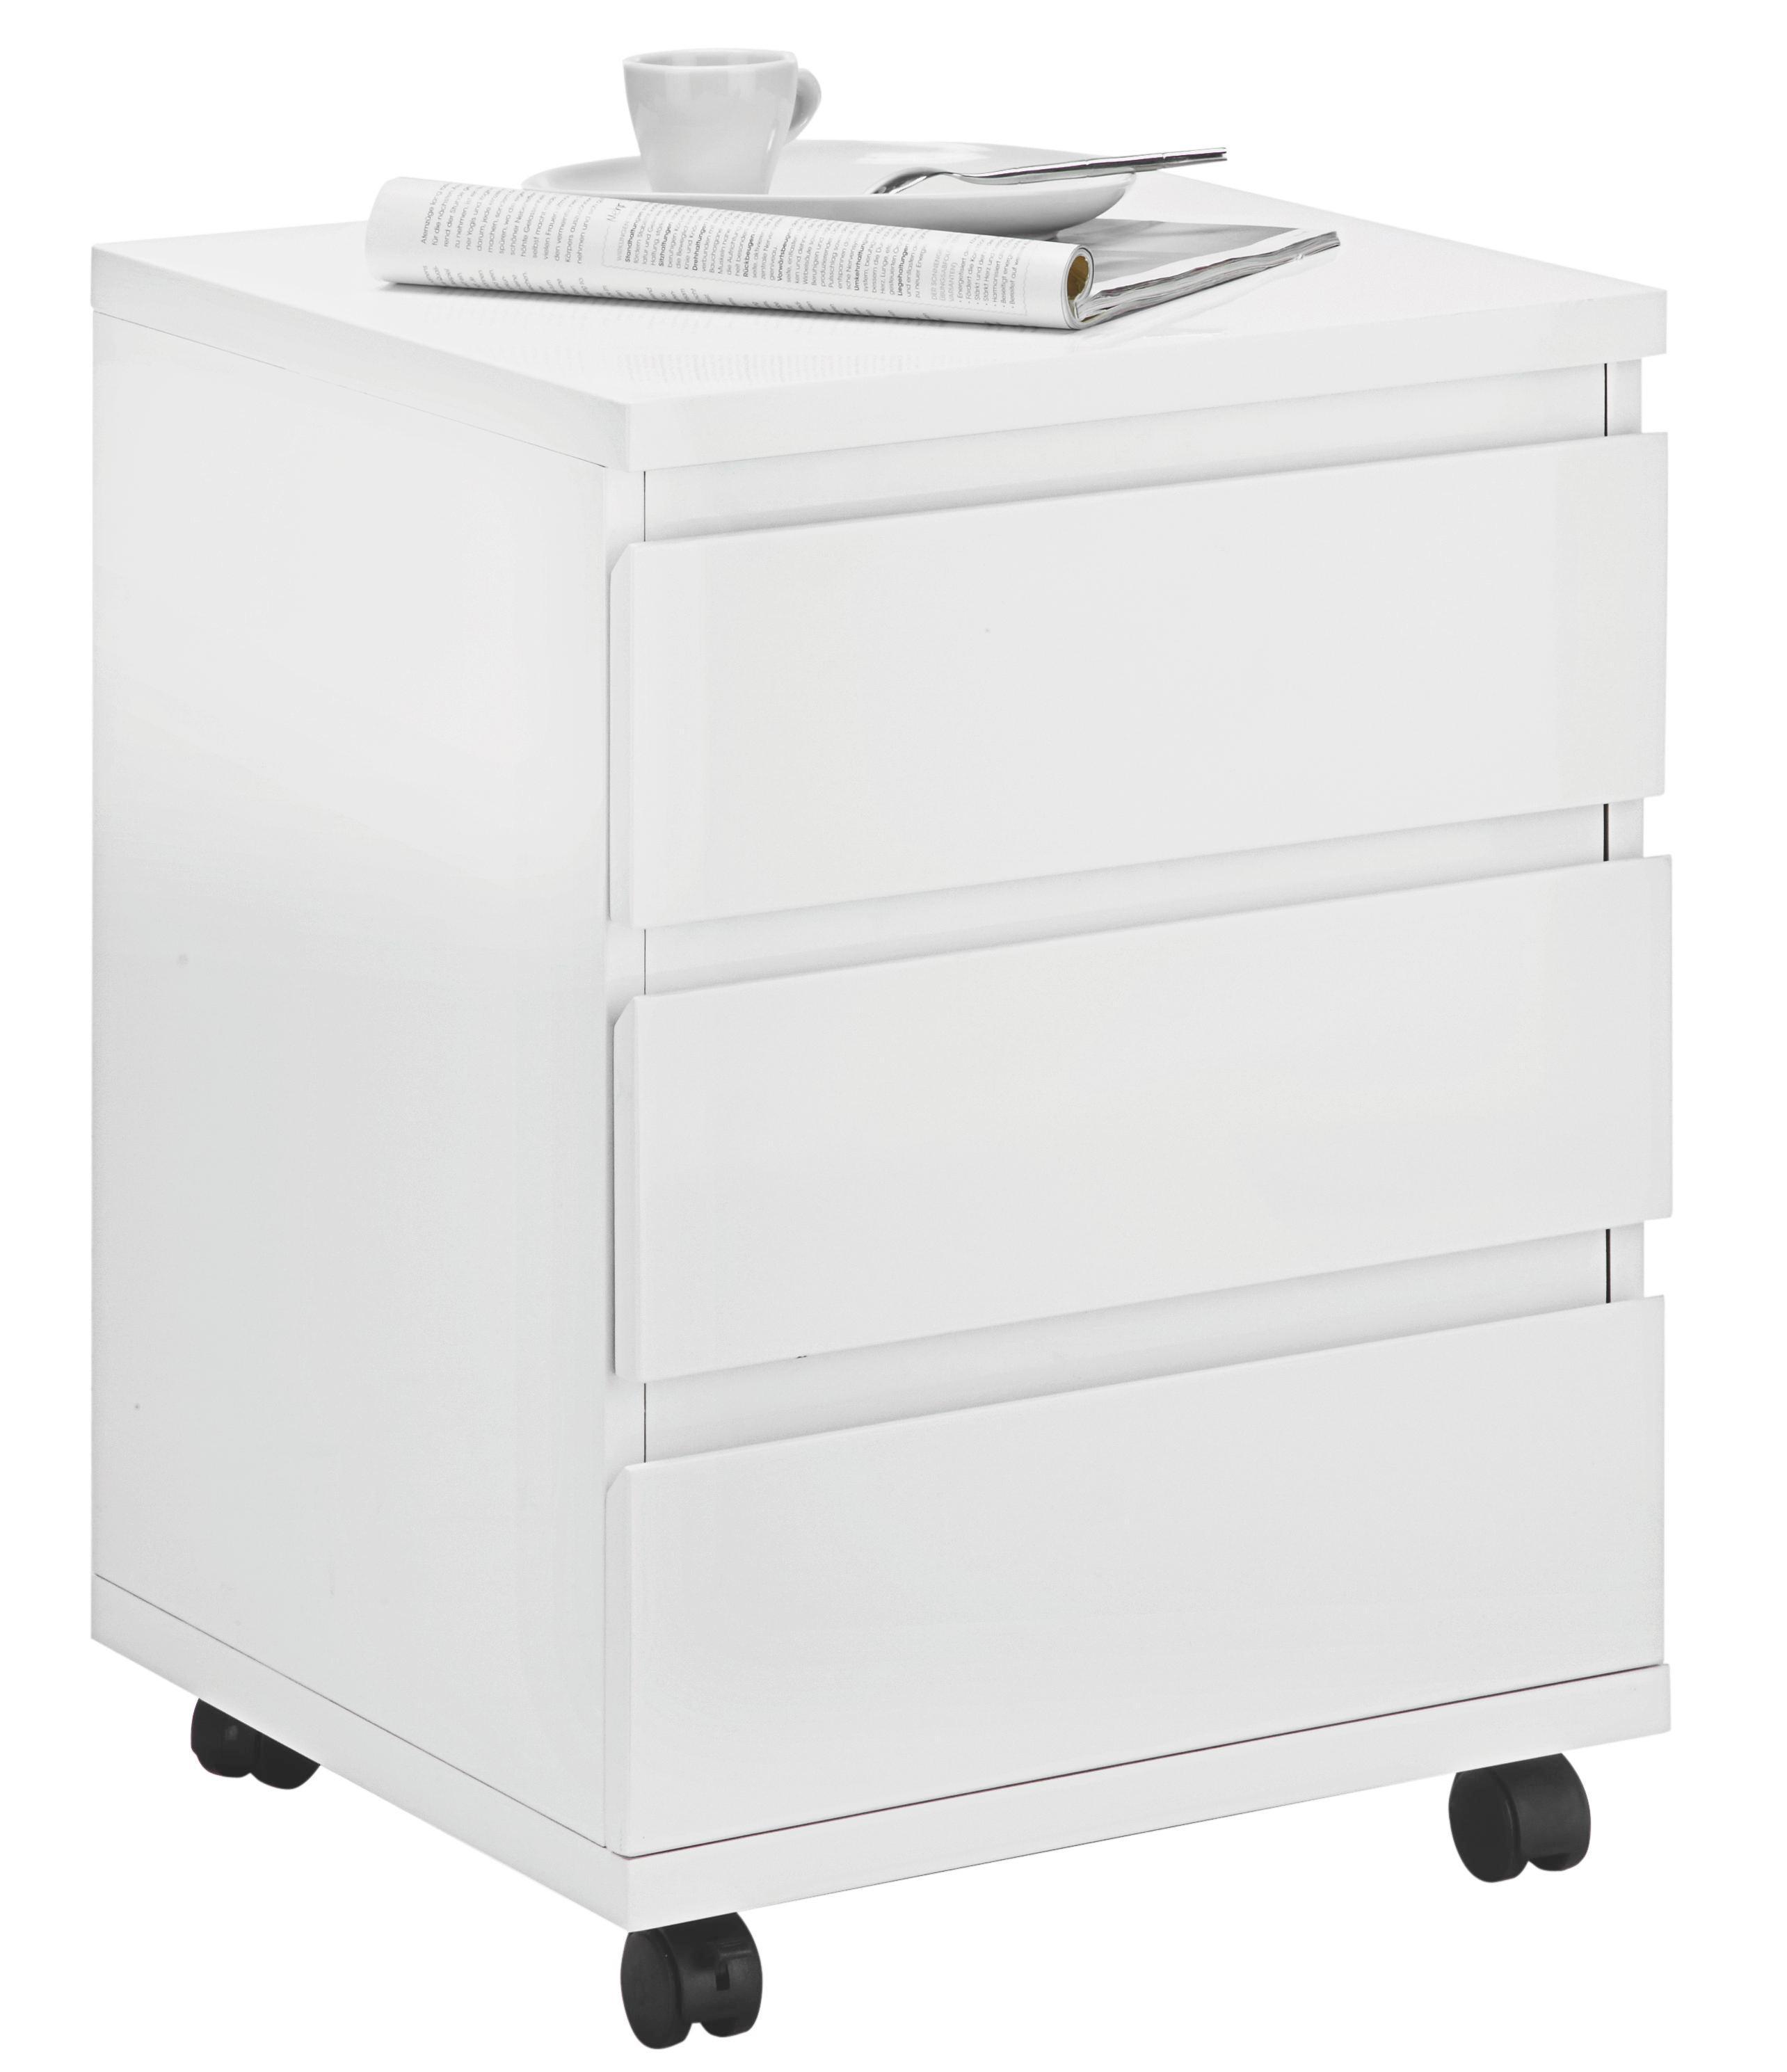 Rollcontainer weiß günstig  Rollcontainer in Weiß Hochglanz online kaufen ➤ mömax